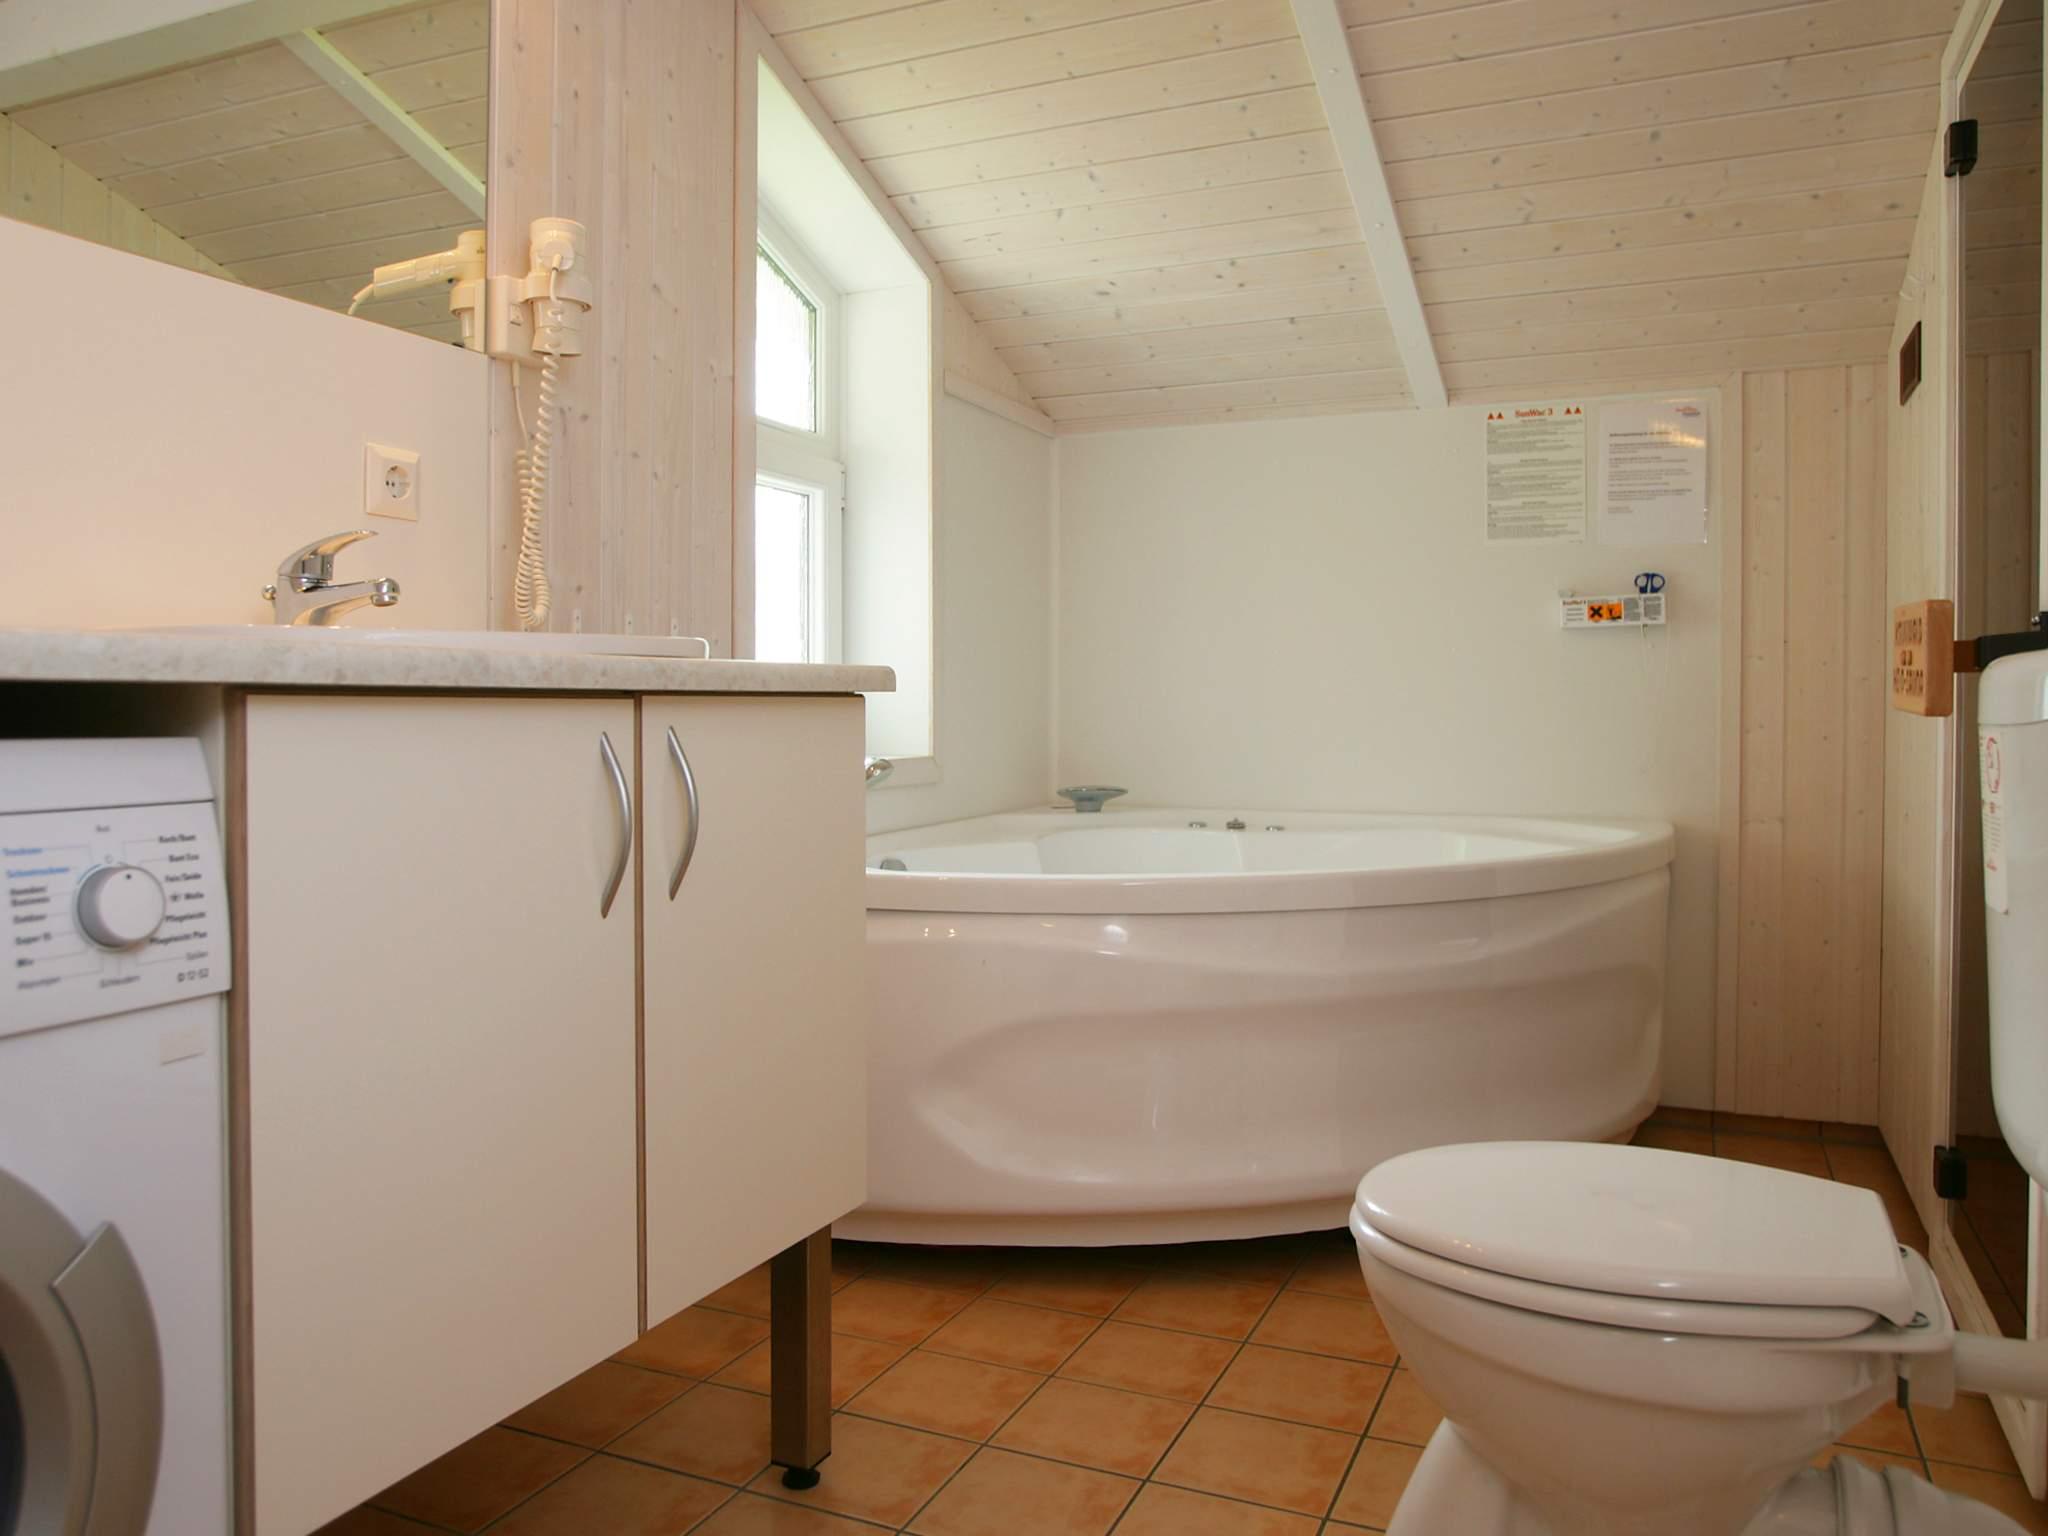 Maison de vacances Grömitz (361024), Grömitz, Baie de Lübeck, Schleswig-Holstein, Allemagne, image 10